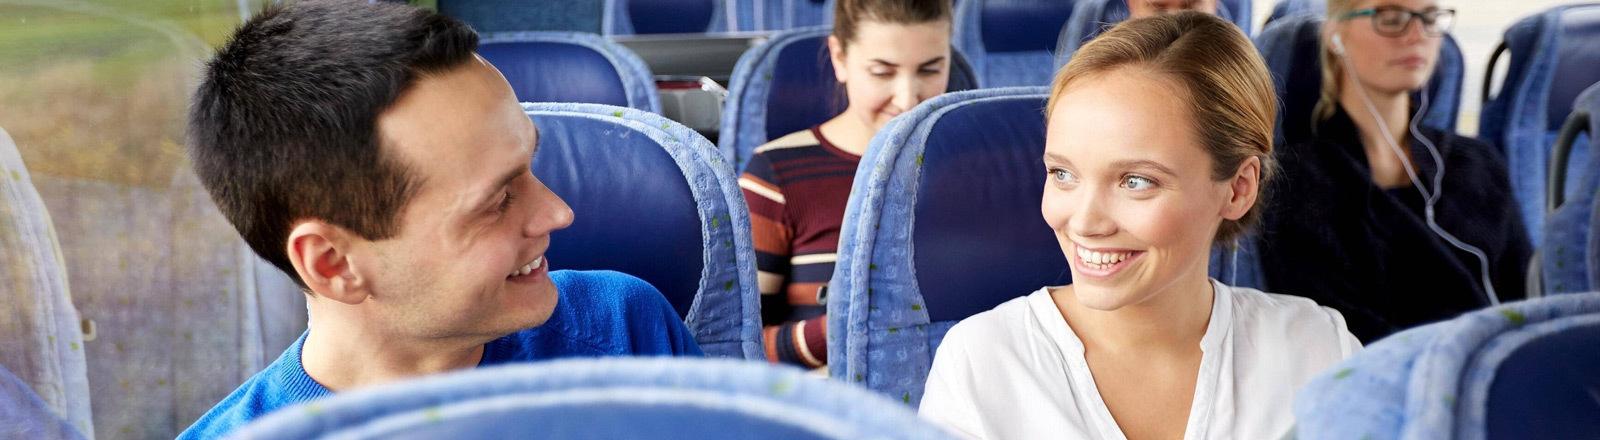 Ein Mann und eine Frau lächeln sich an, während sie im Bus fahren.